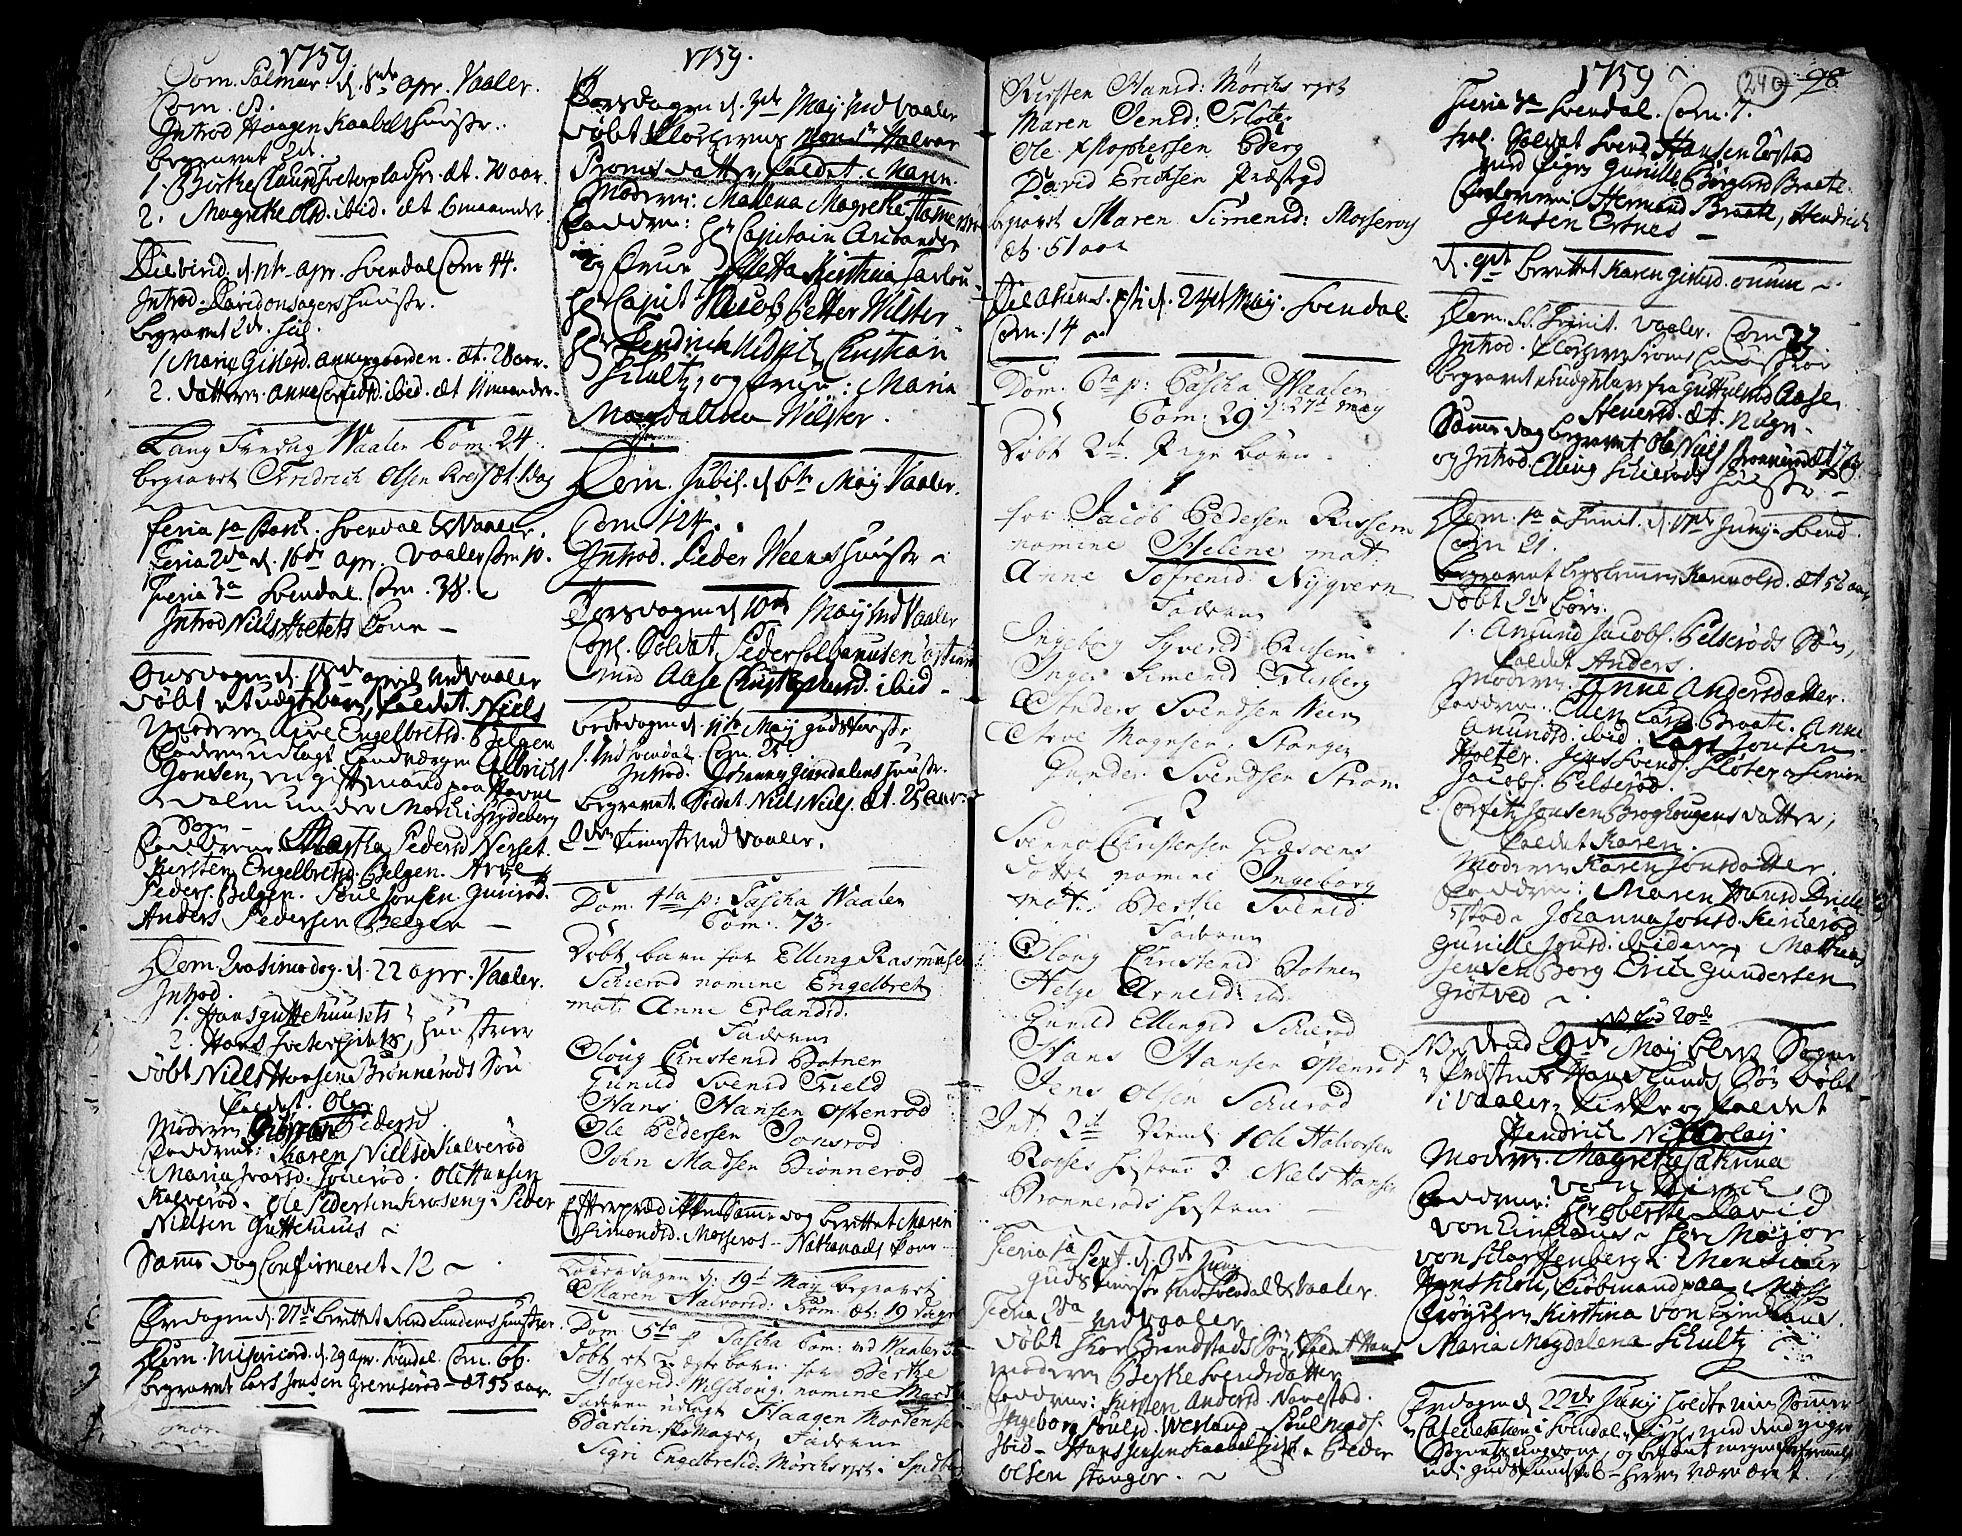 SAO, Våler prestekontor Kirkebøker, F/Fa/L0003: Ministerialbok nr. I 3, 1730-1770, s. 240